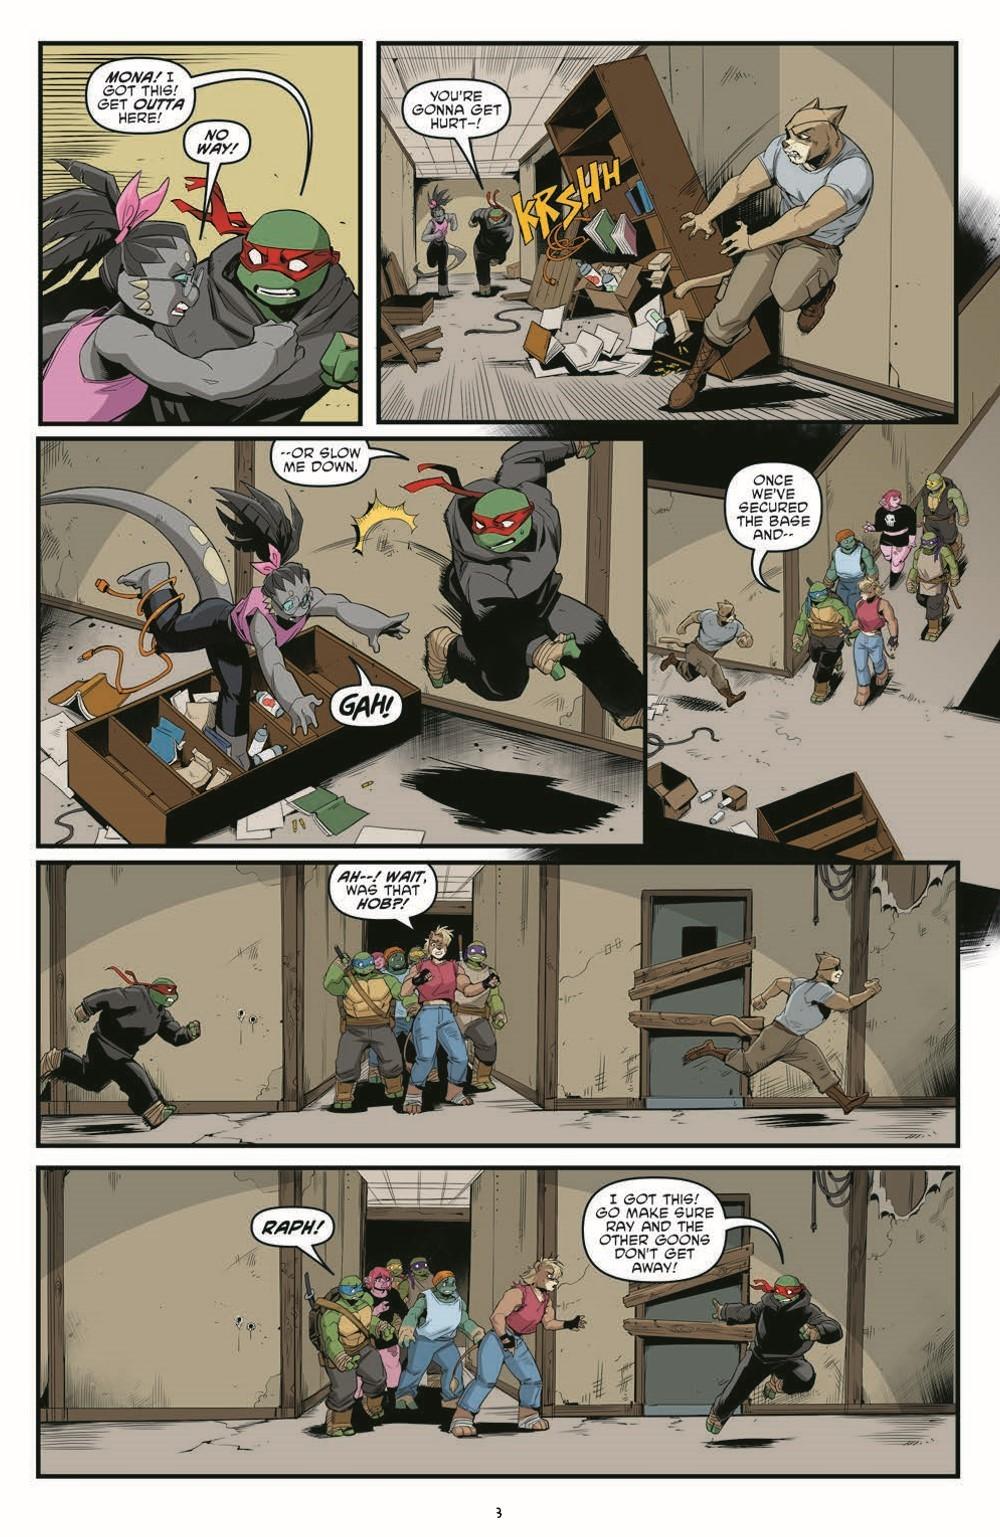 TMNT121_pr-5 ComicList Previews: TEENAGE MUTANT NINJA TURTLES #121